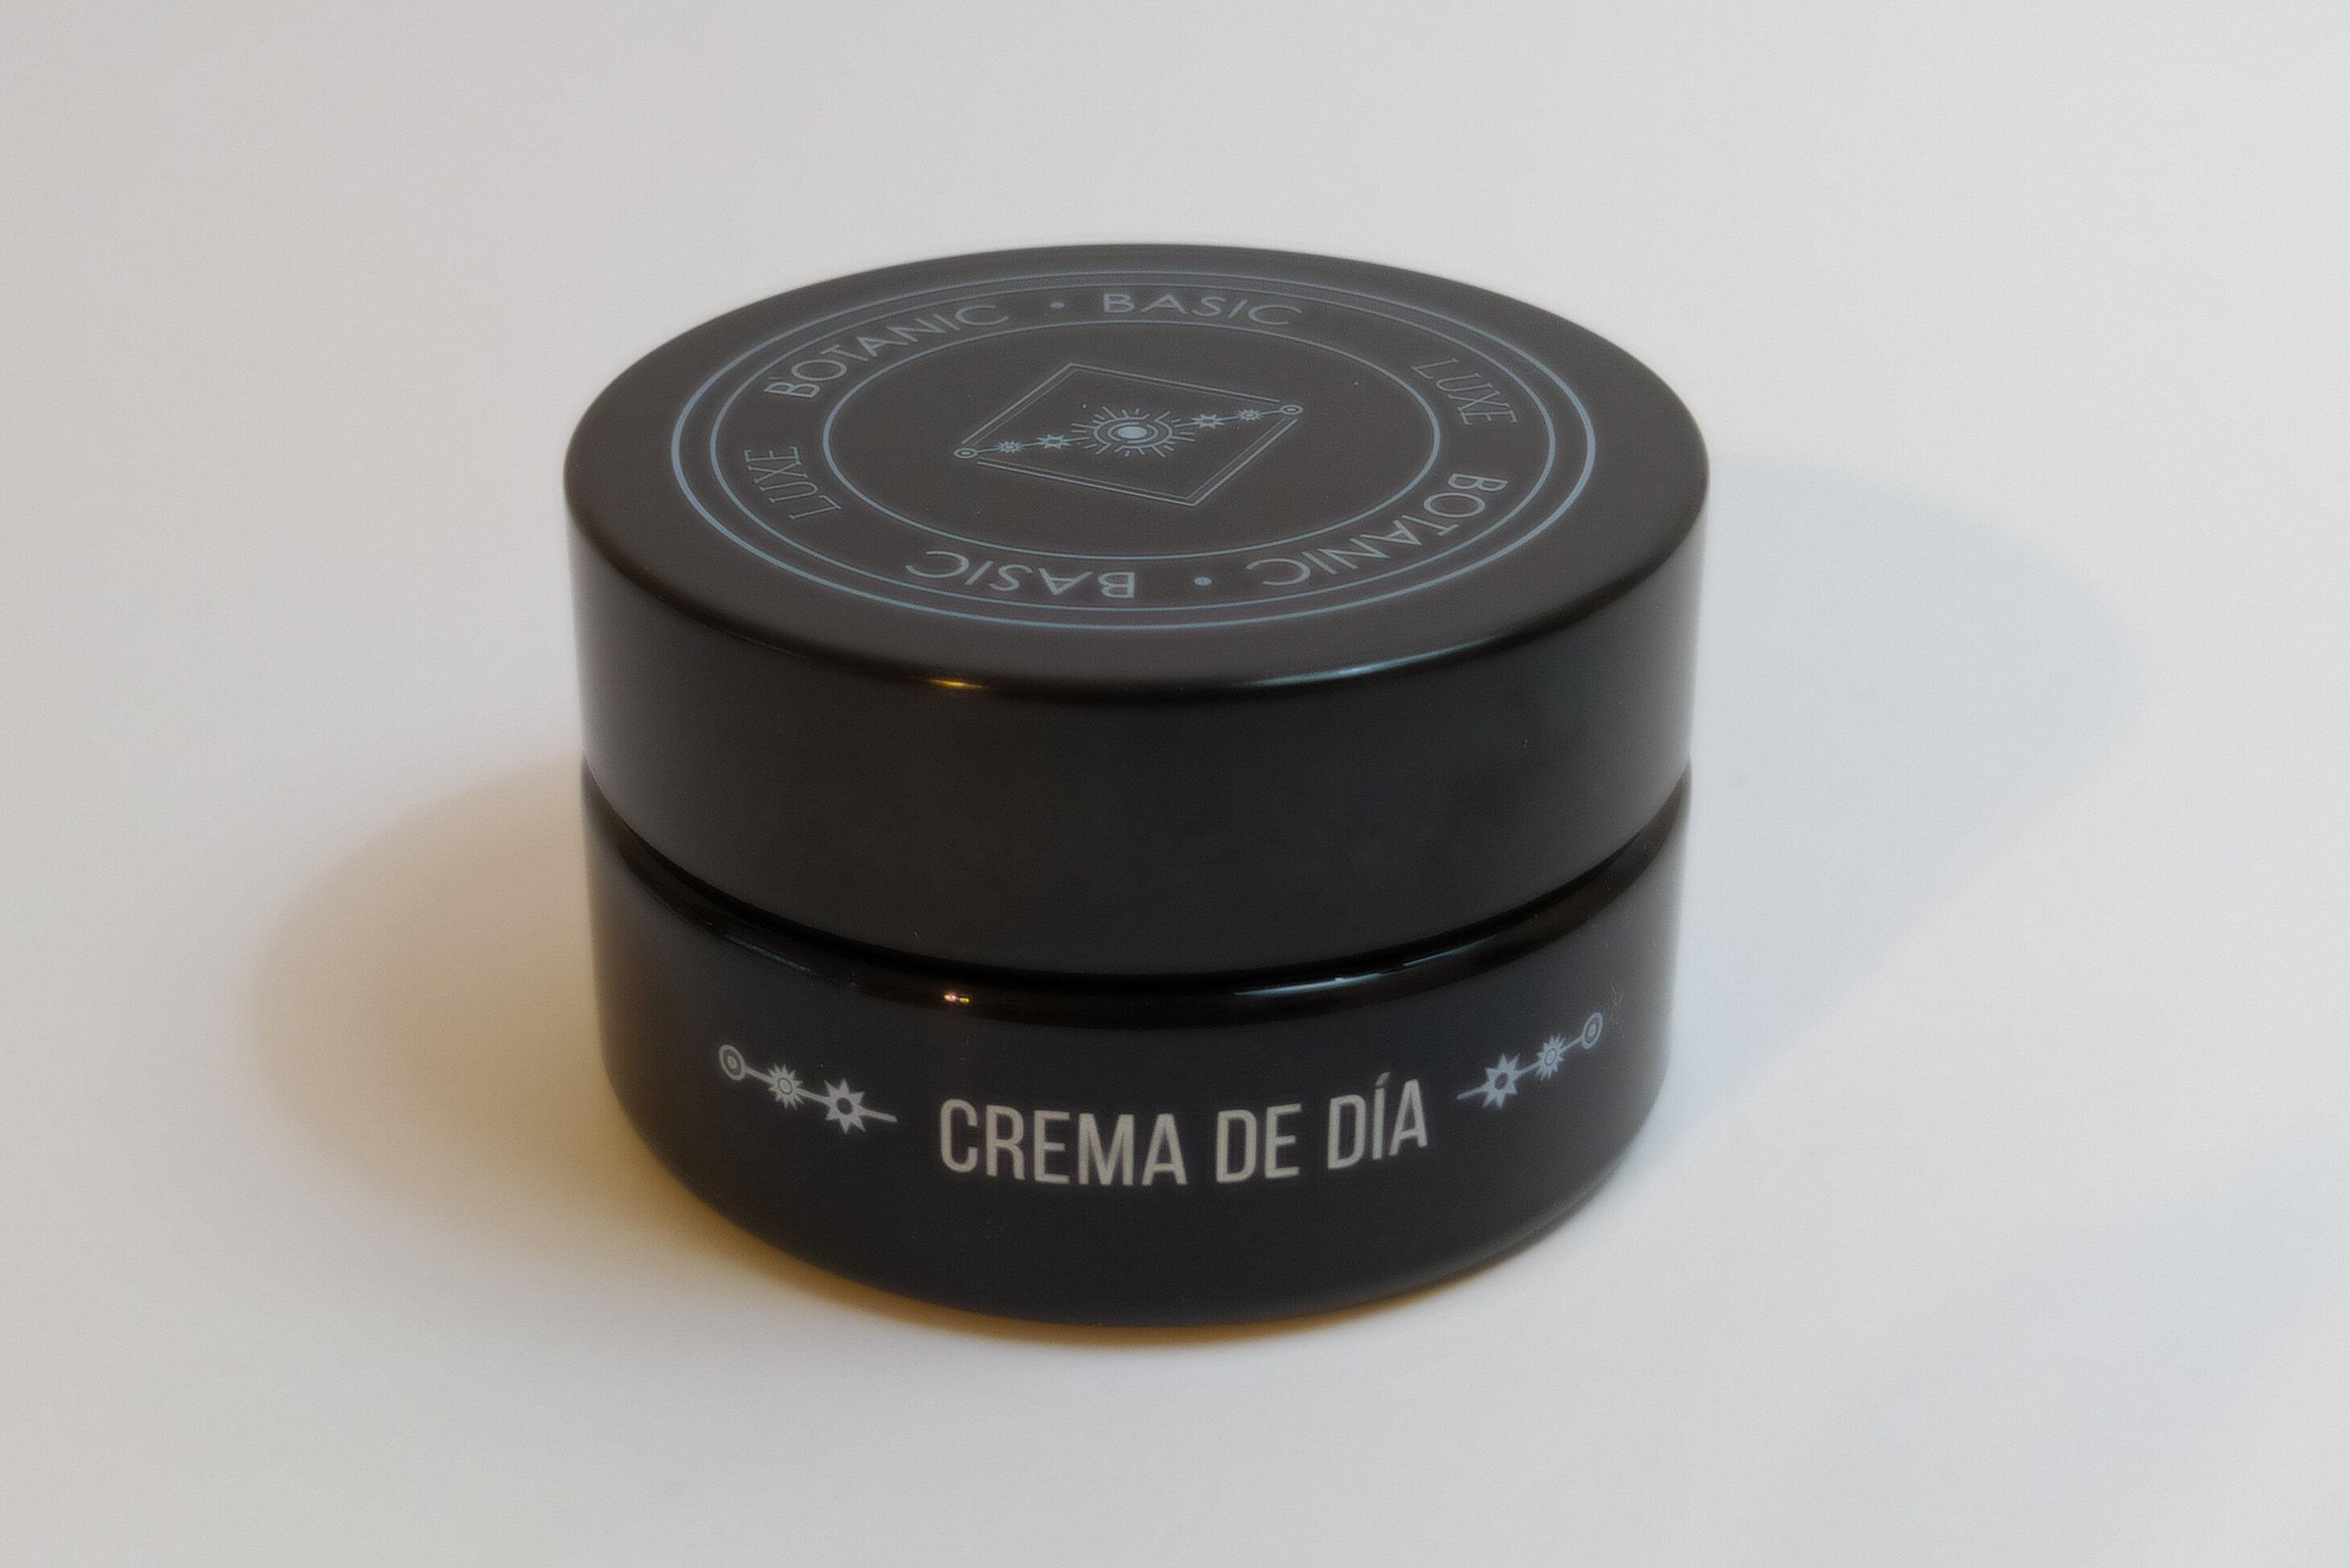 Crema de día - Produit - es